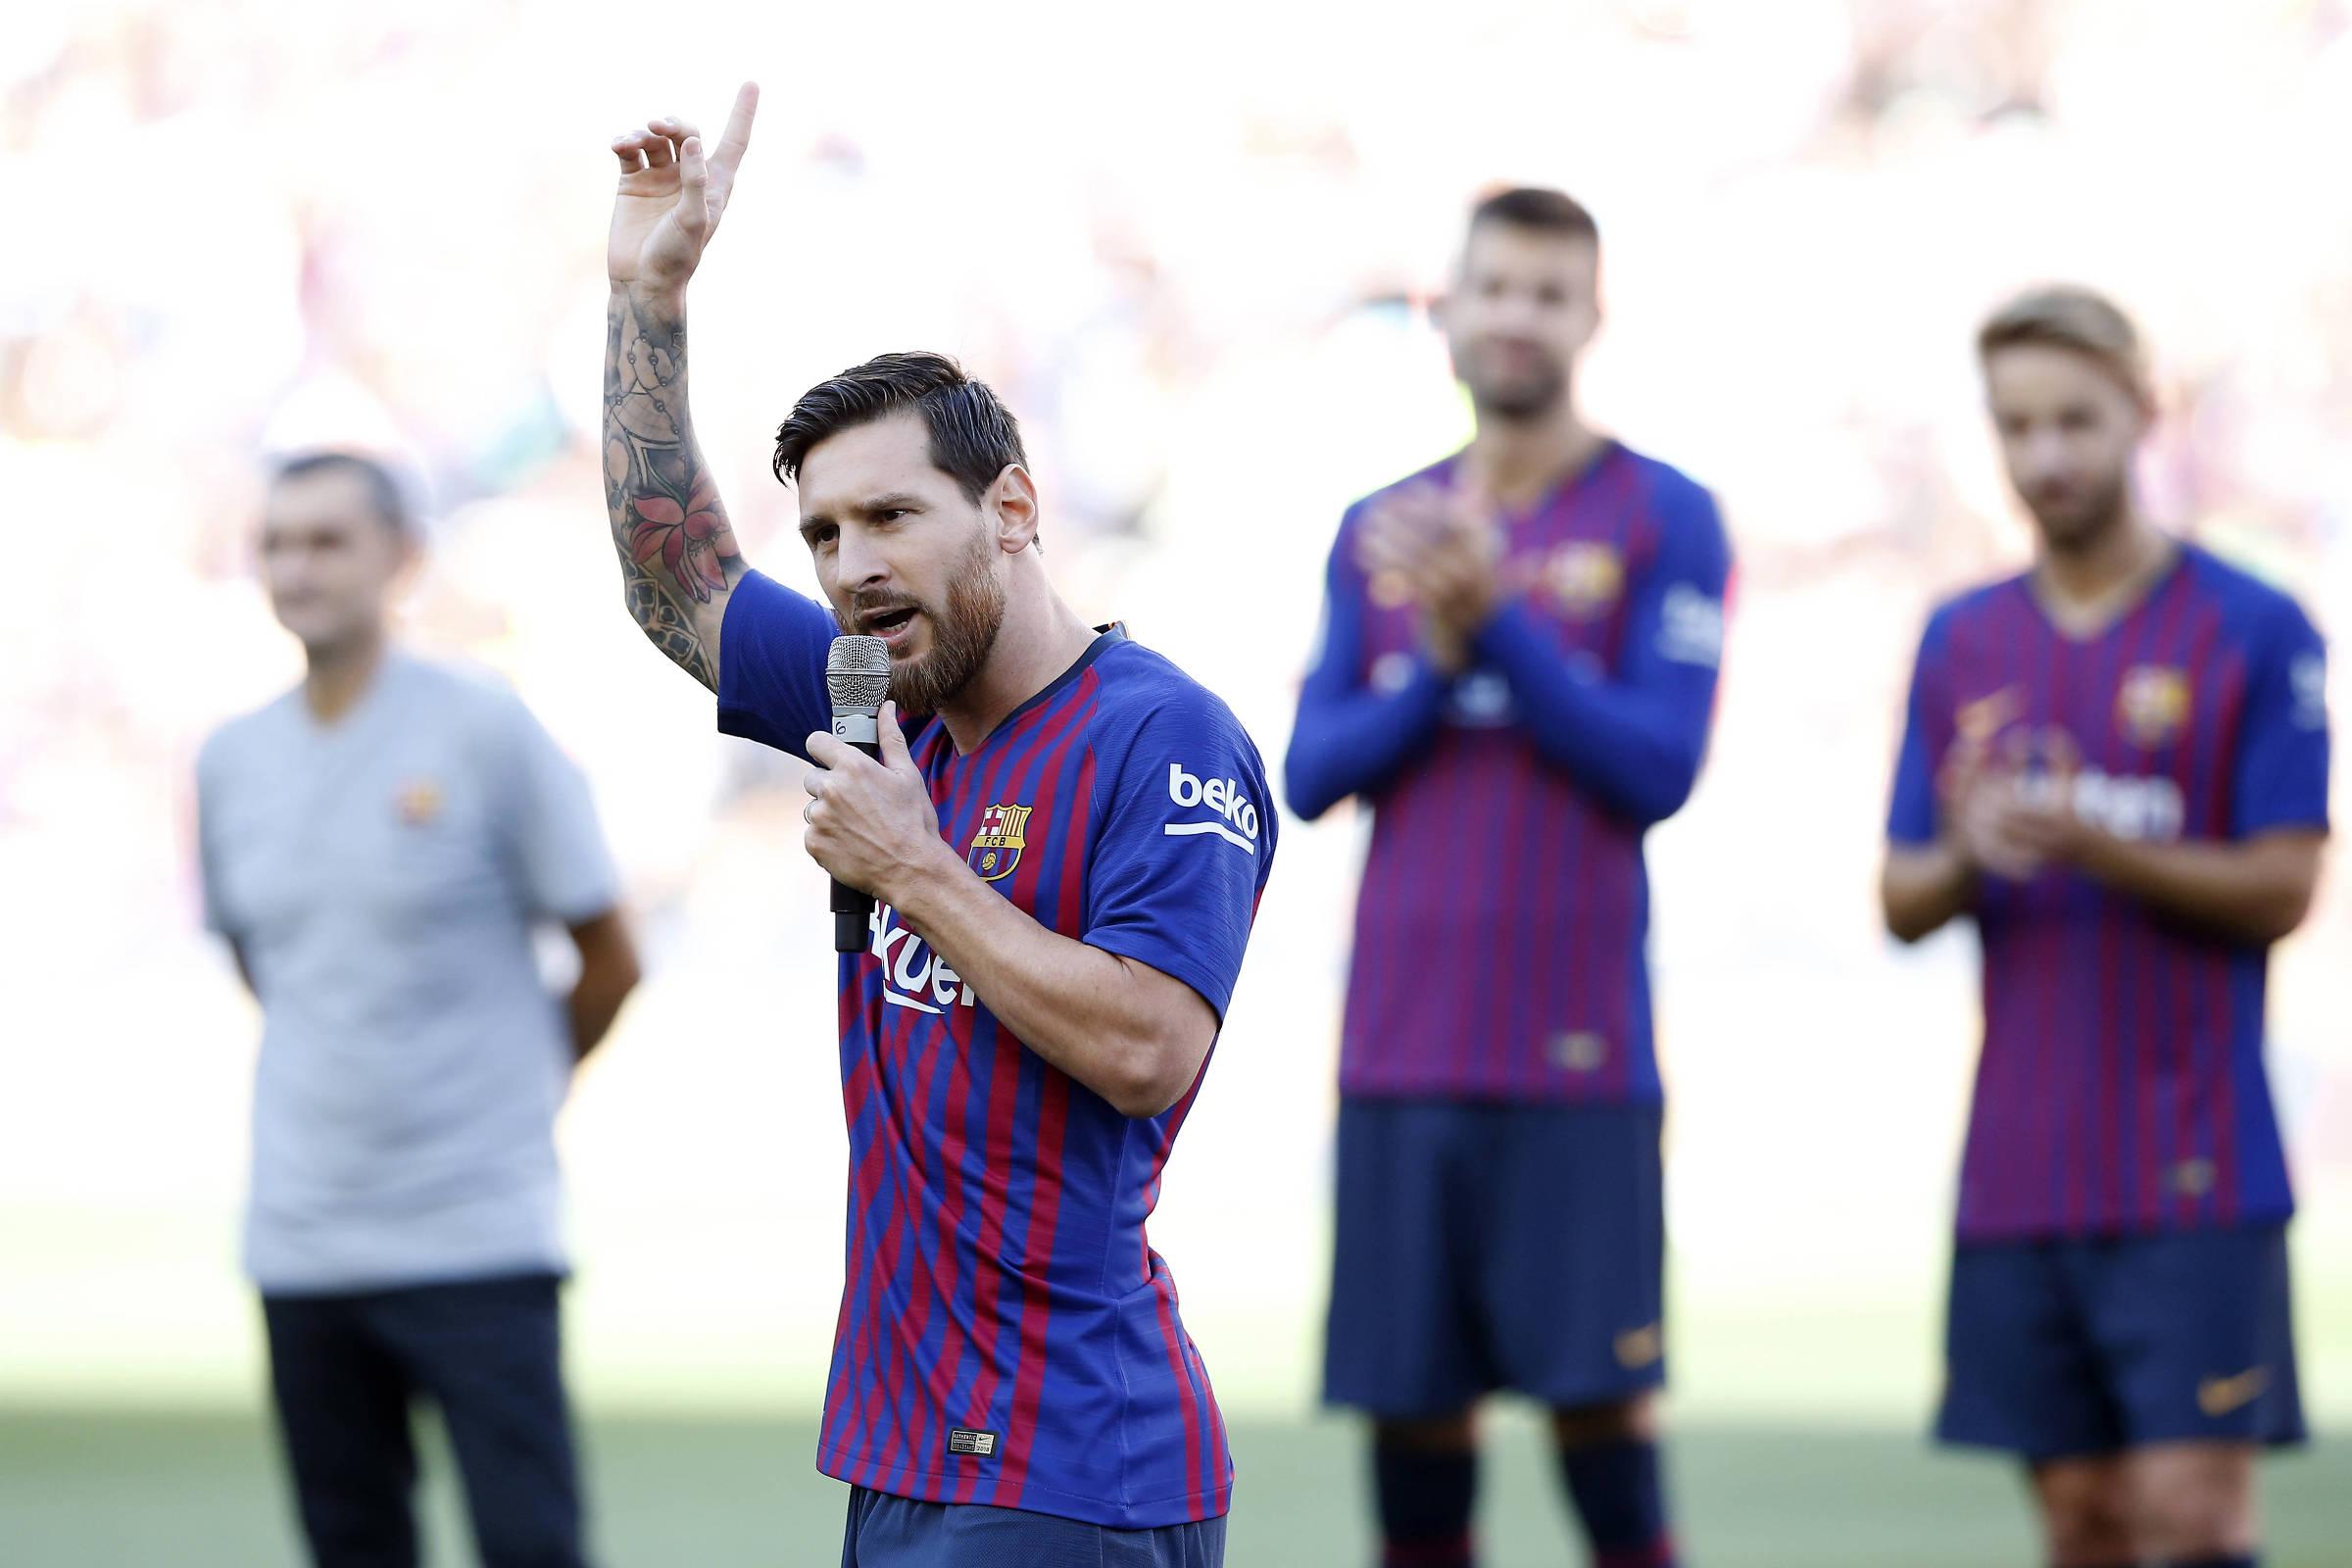 0ef4078f04 Sorteio da Liga dos Campeões impõe desafio ao Barcelona - 30 08 2018 -  Esporte - Folha